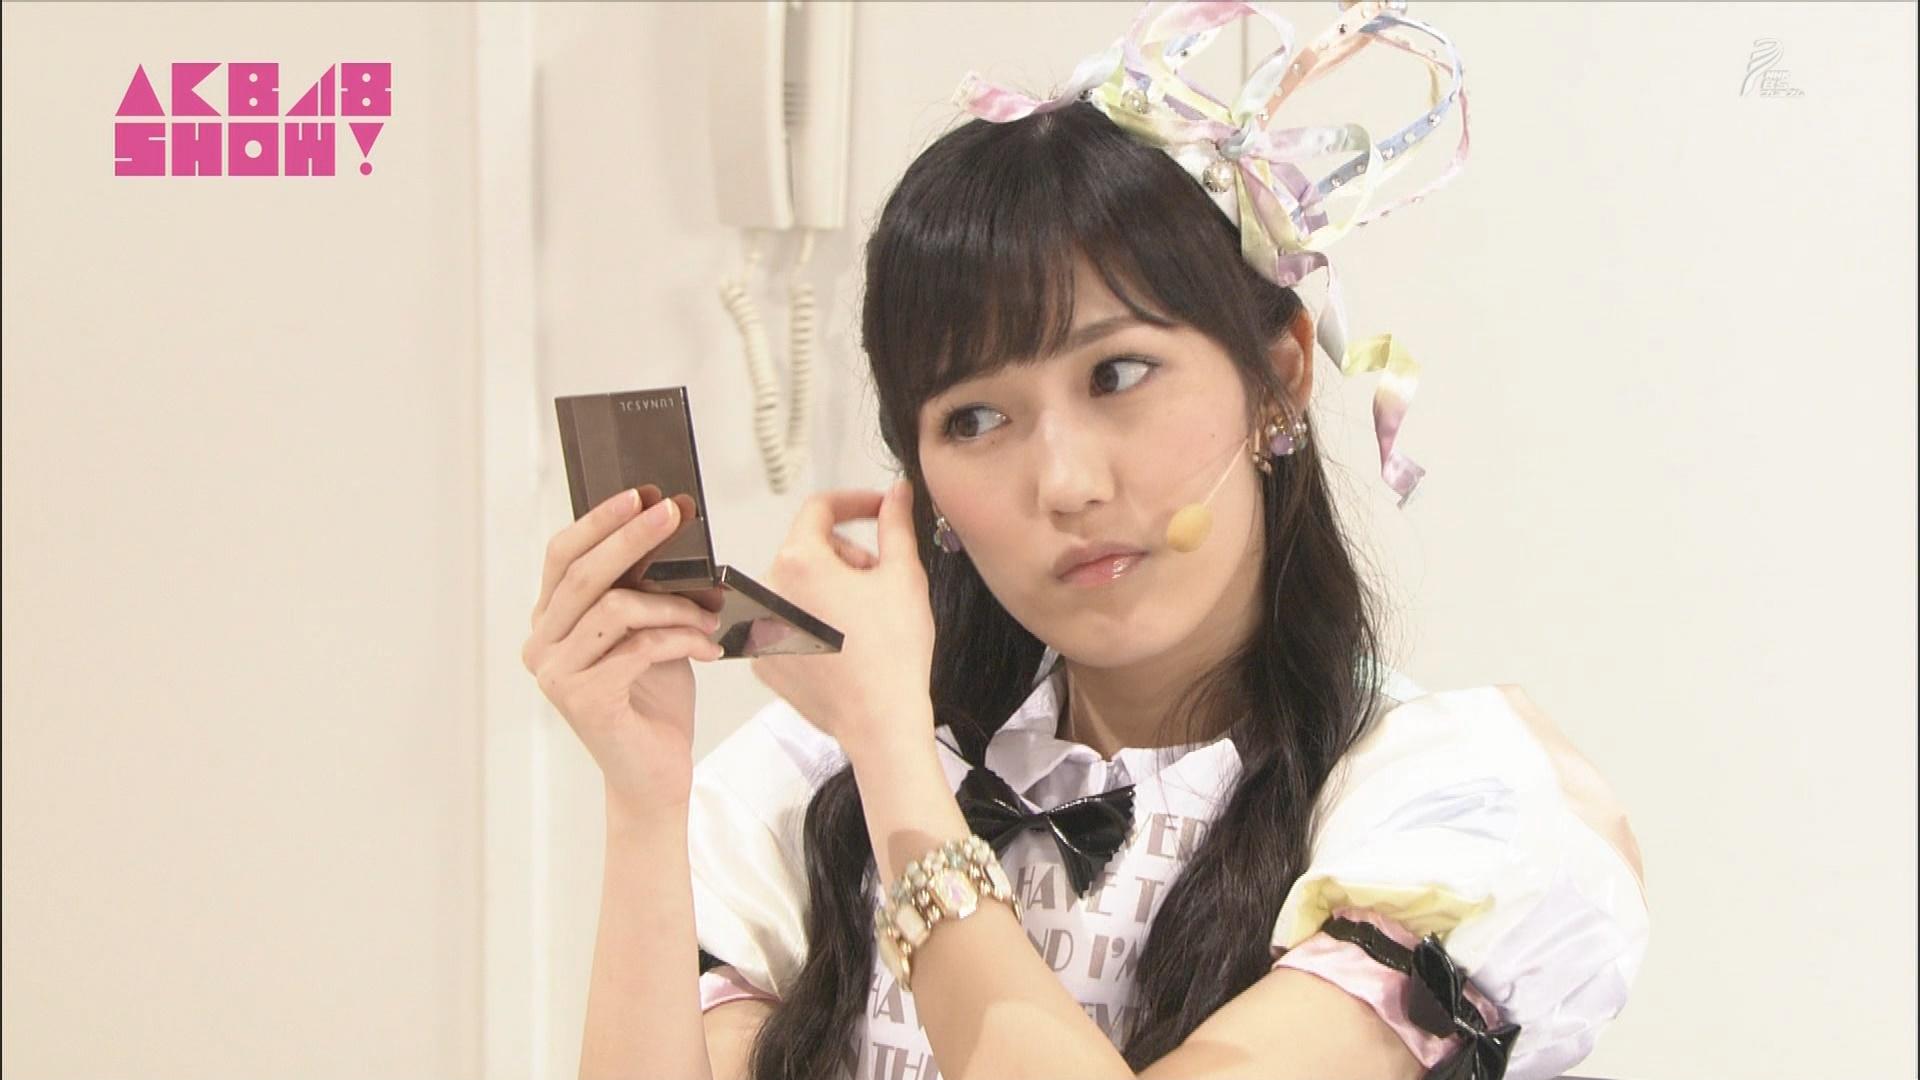 AKB48SHOW 心のプラカード 渡辺麻友 20140830 (2)